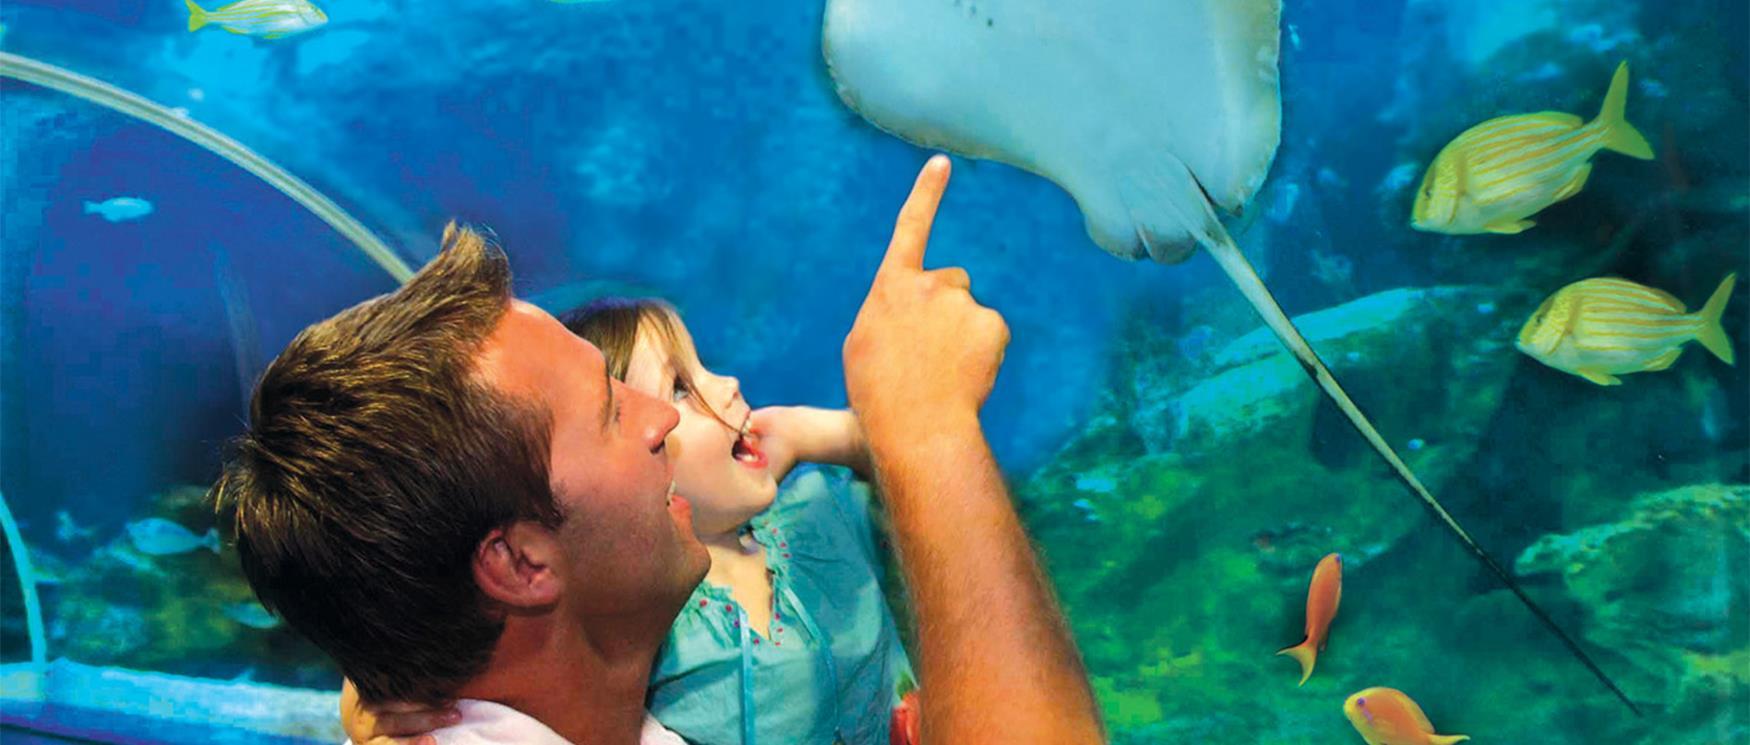 Blue Reef Aquarium in Portsmouth